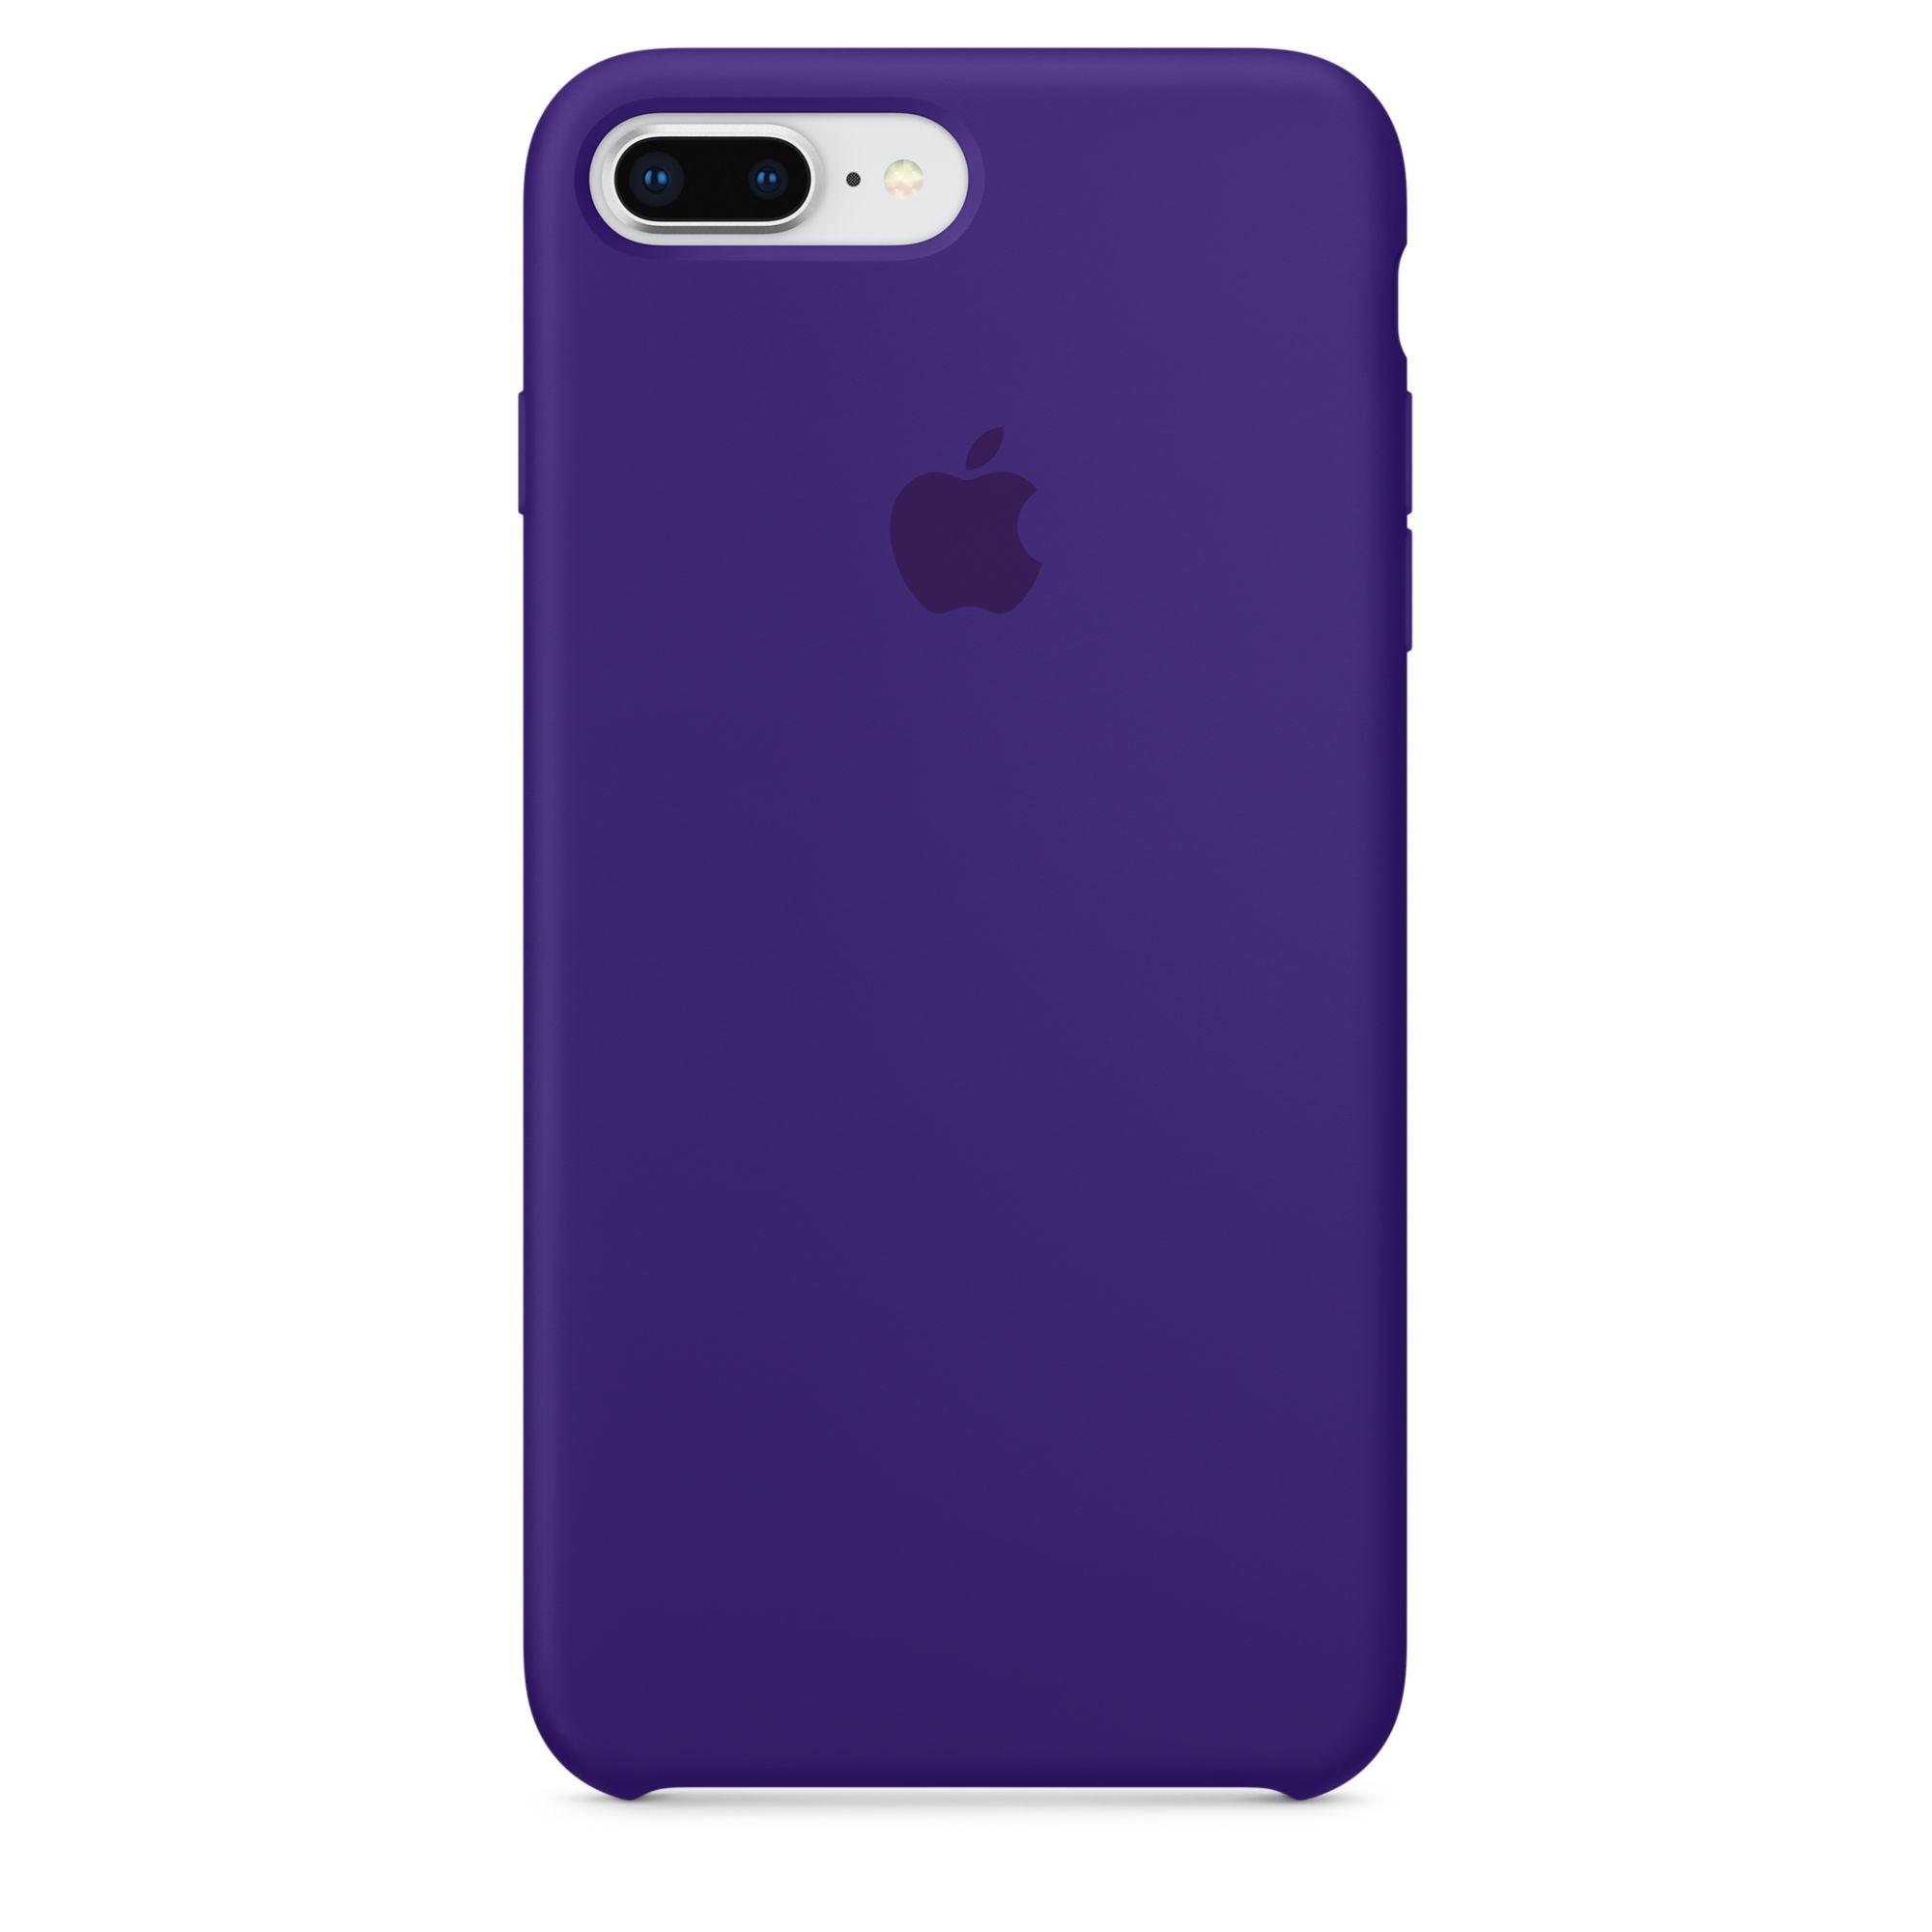 Apple silikonový kryt na iPhone 8 Plus / 7 Plus – tmavě fialový